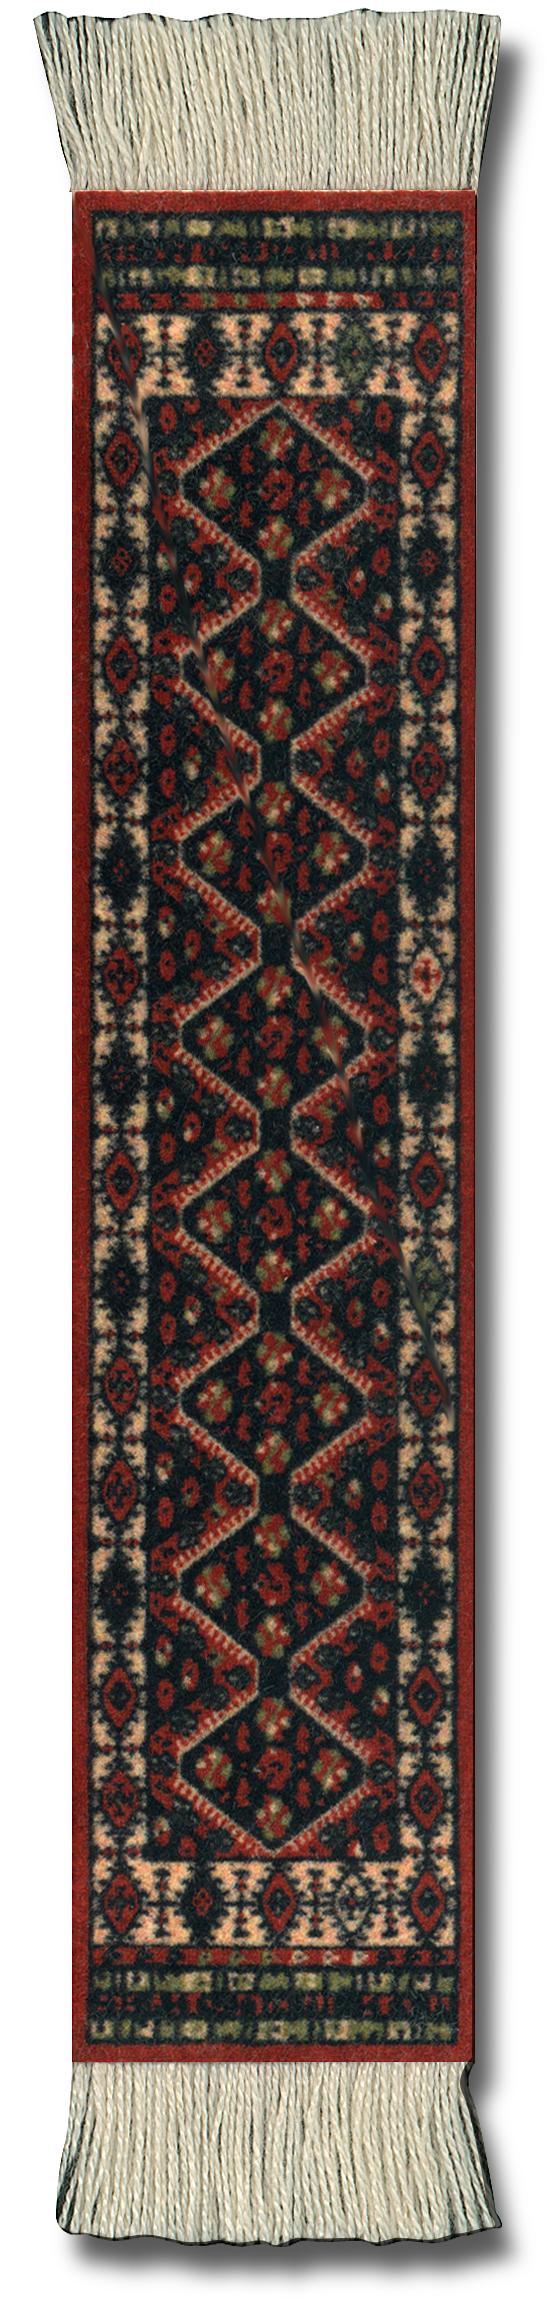 Lesezeichen nach klassischen Teppichdesigns (book rug)